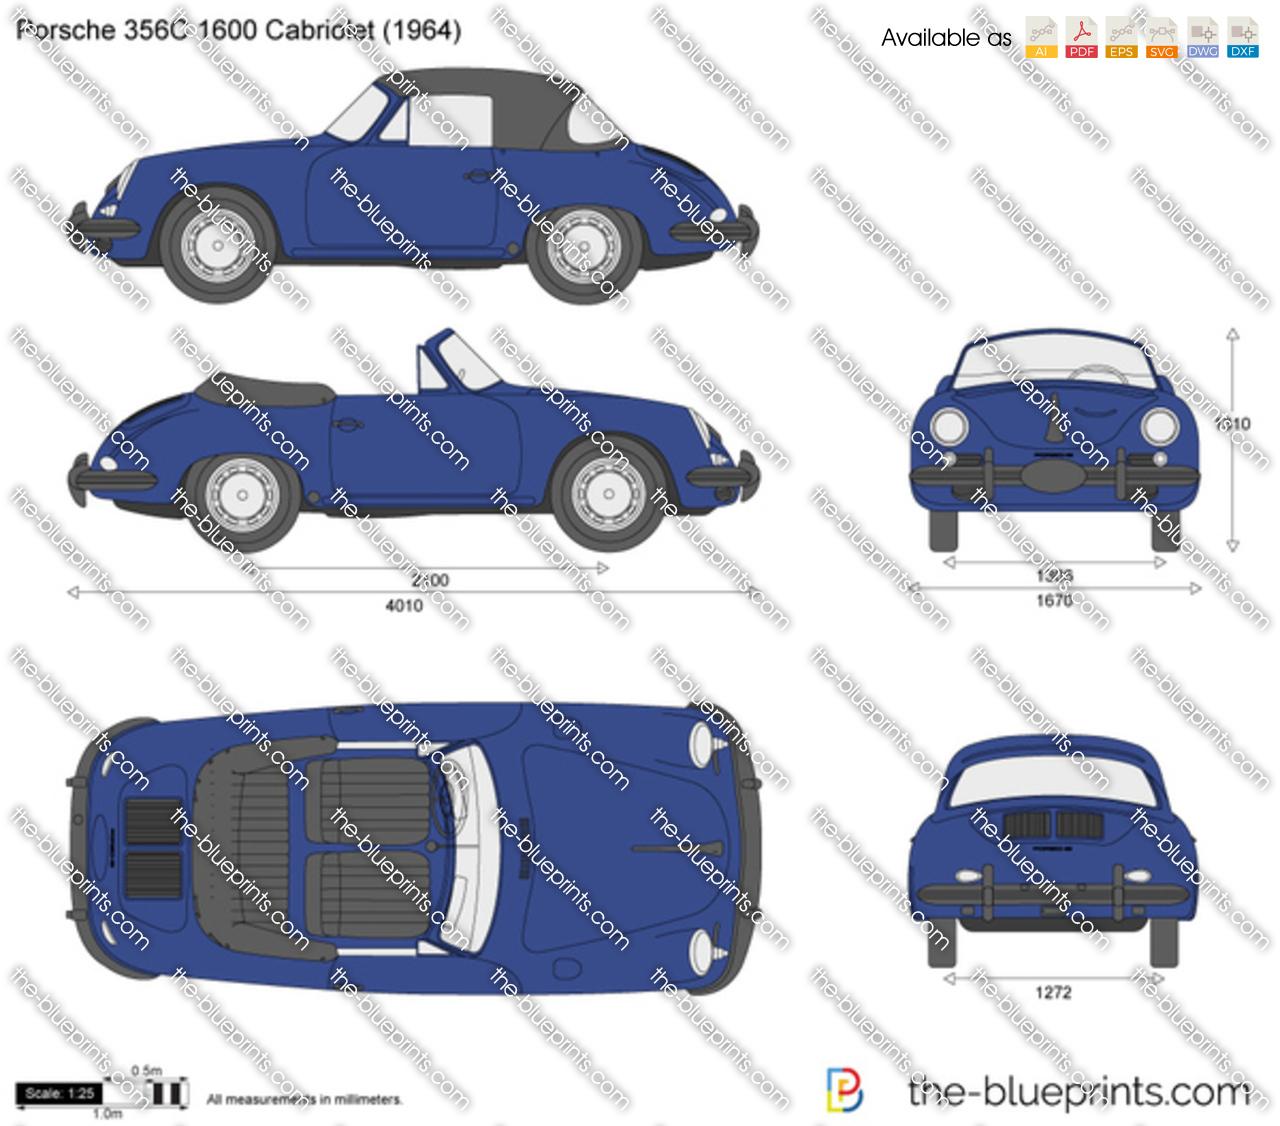 Porsche 356C 1600 Cabriolet 1966